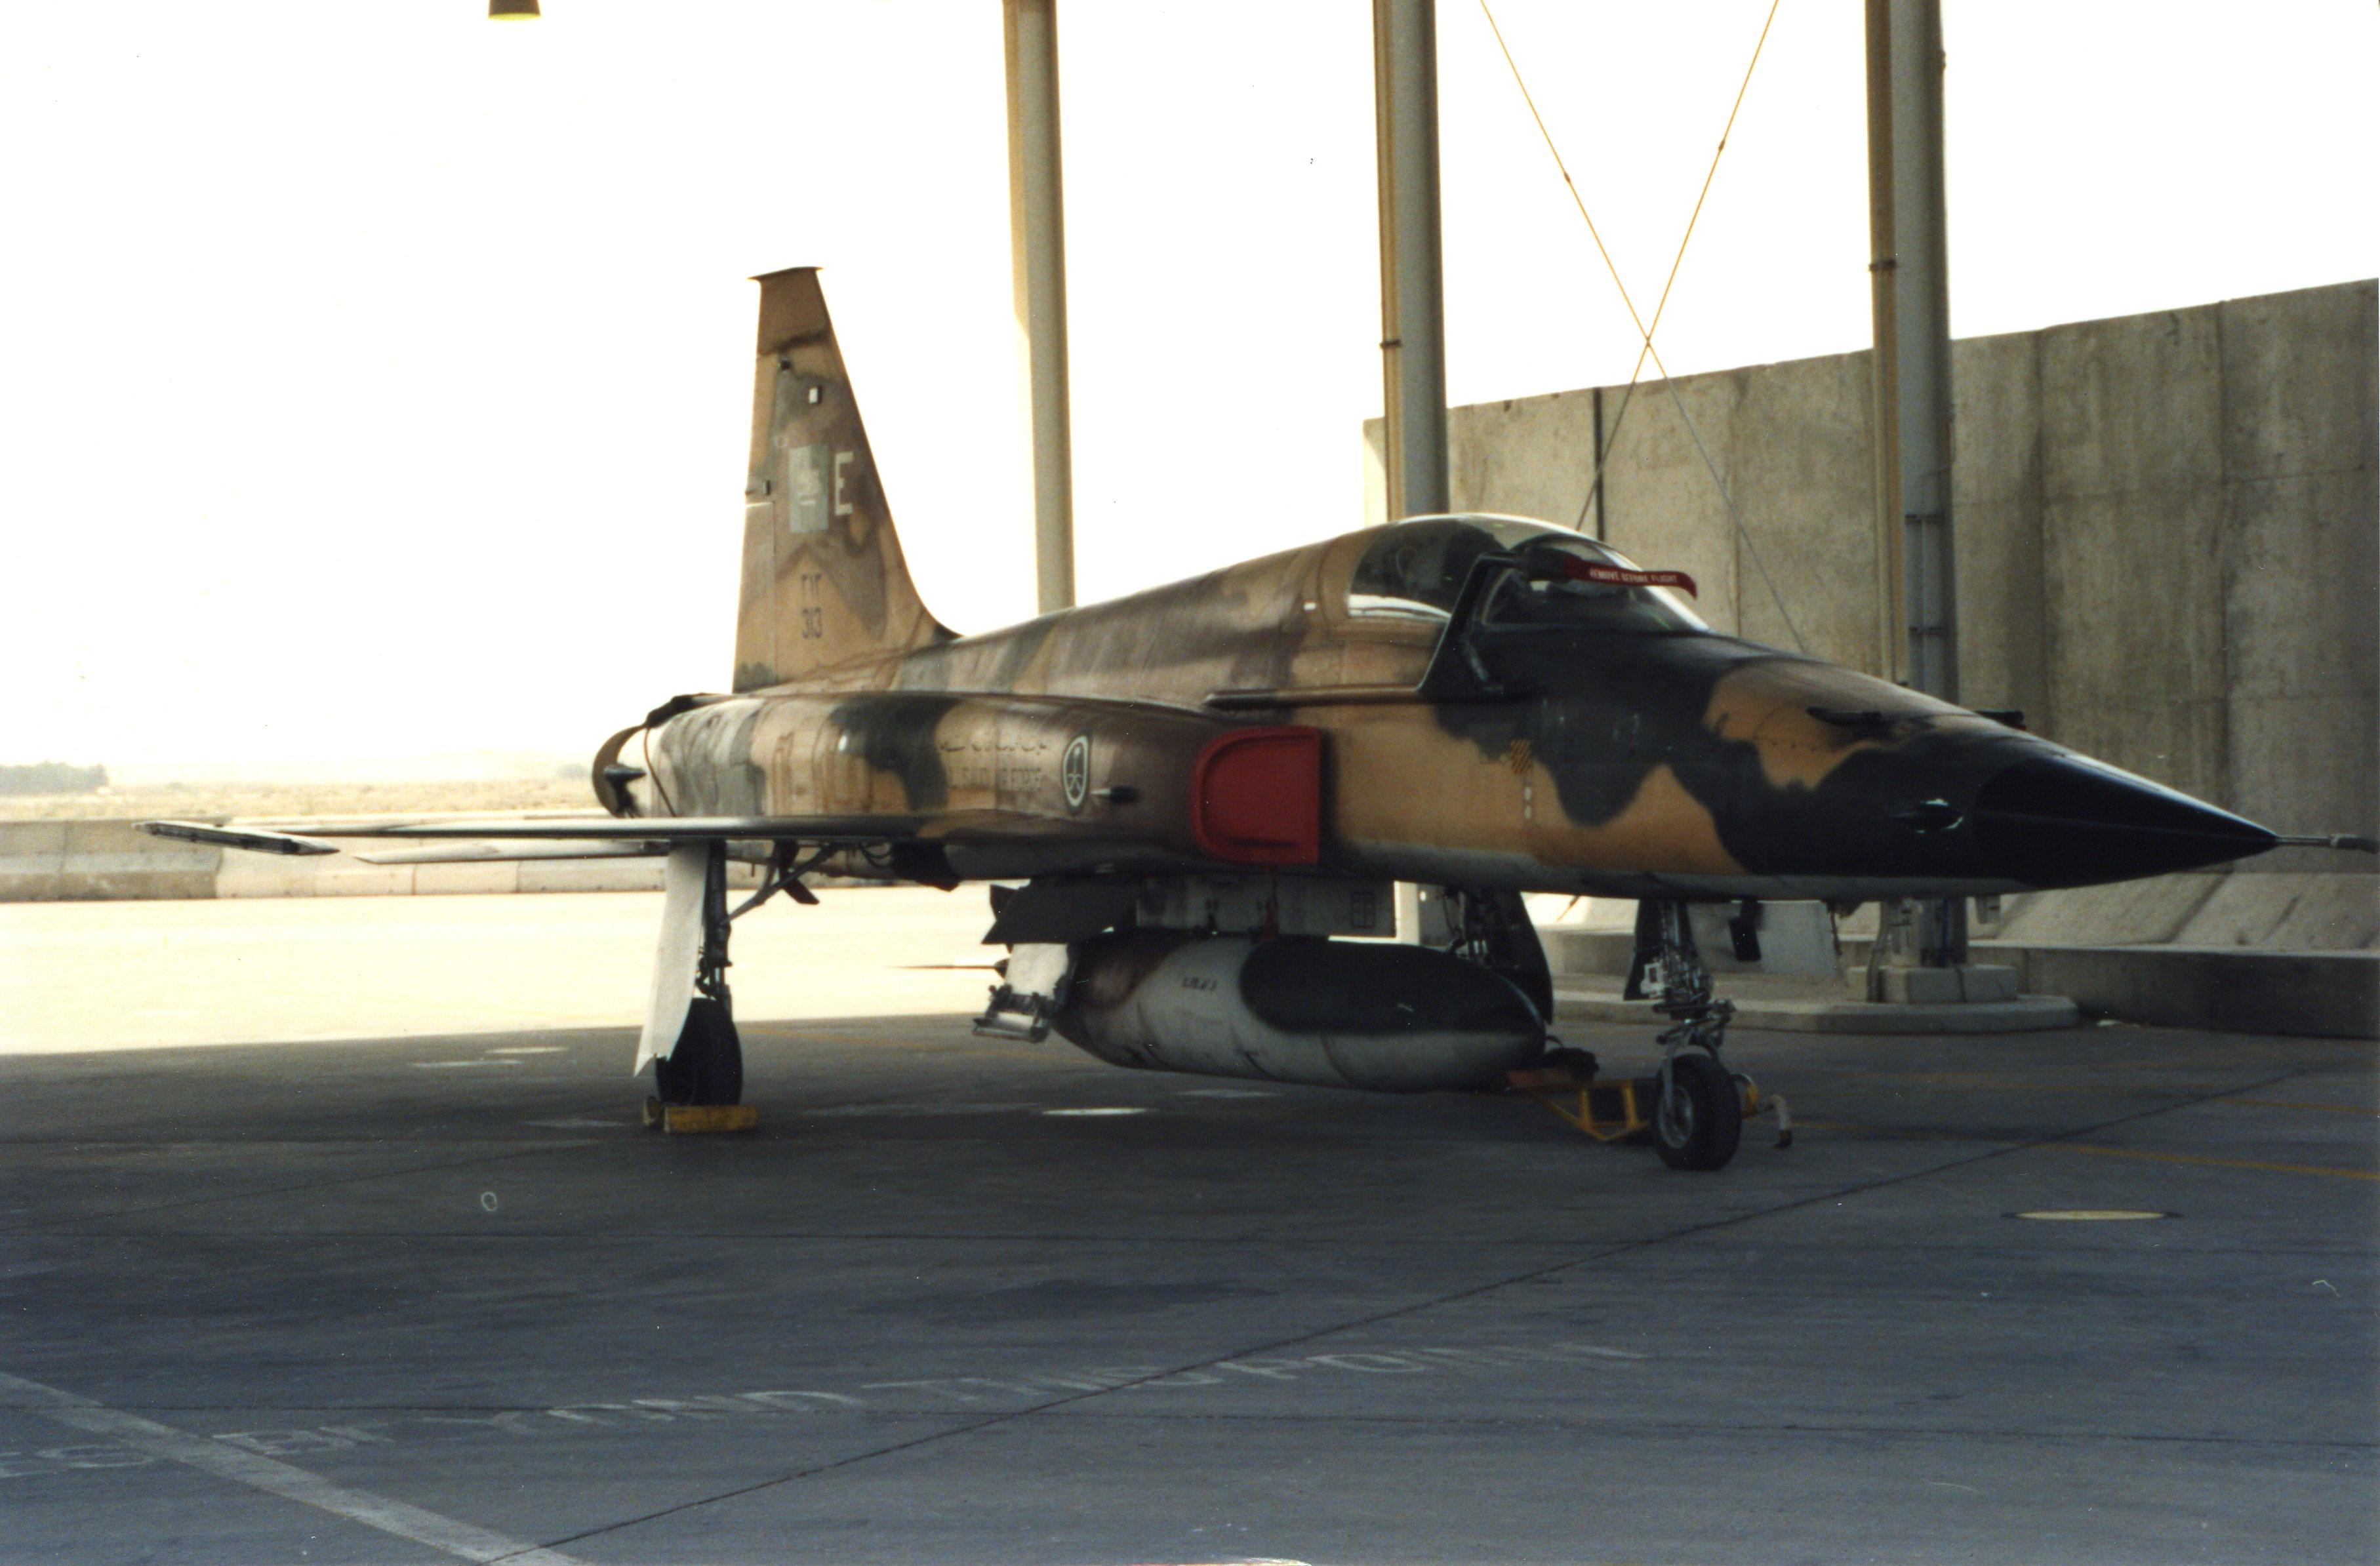 مقاتلات القوات الجوية الملكية السعودية ( نسور صقور وحوش السماء )